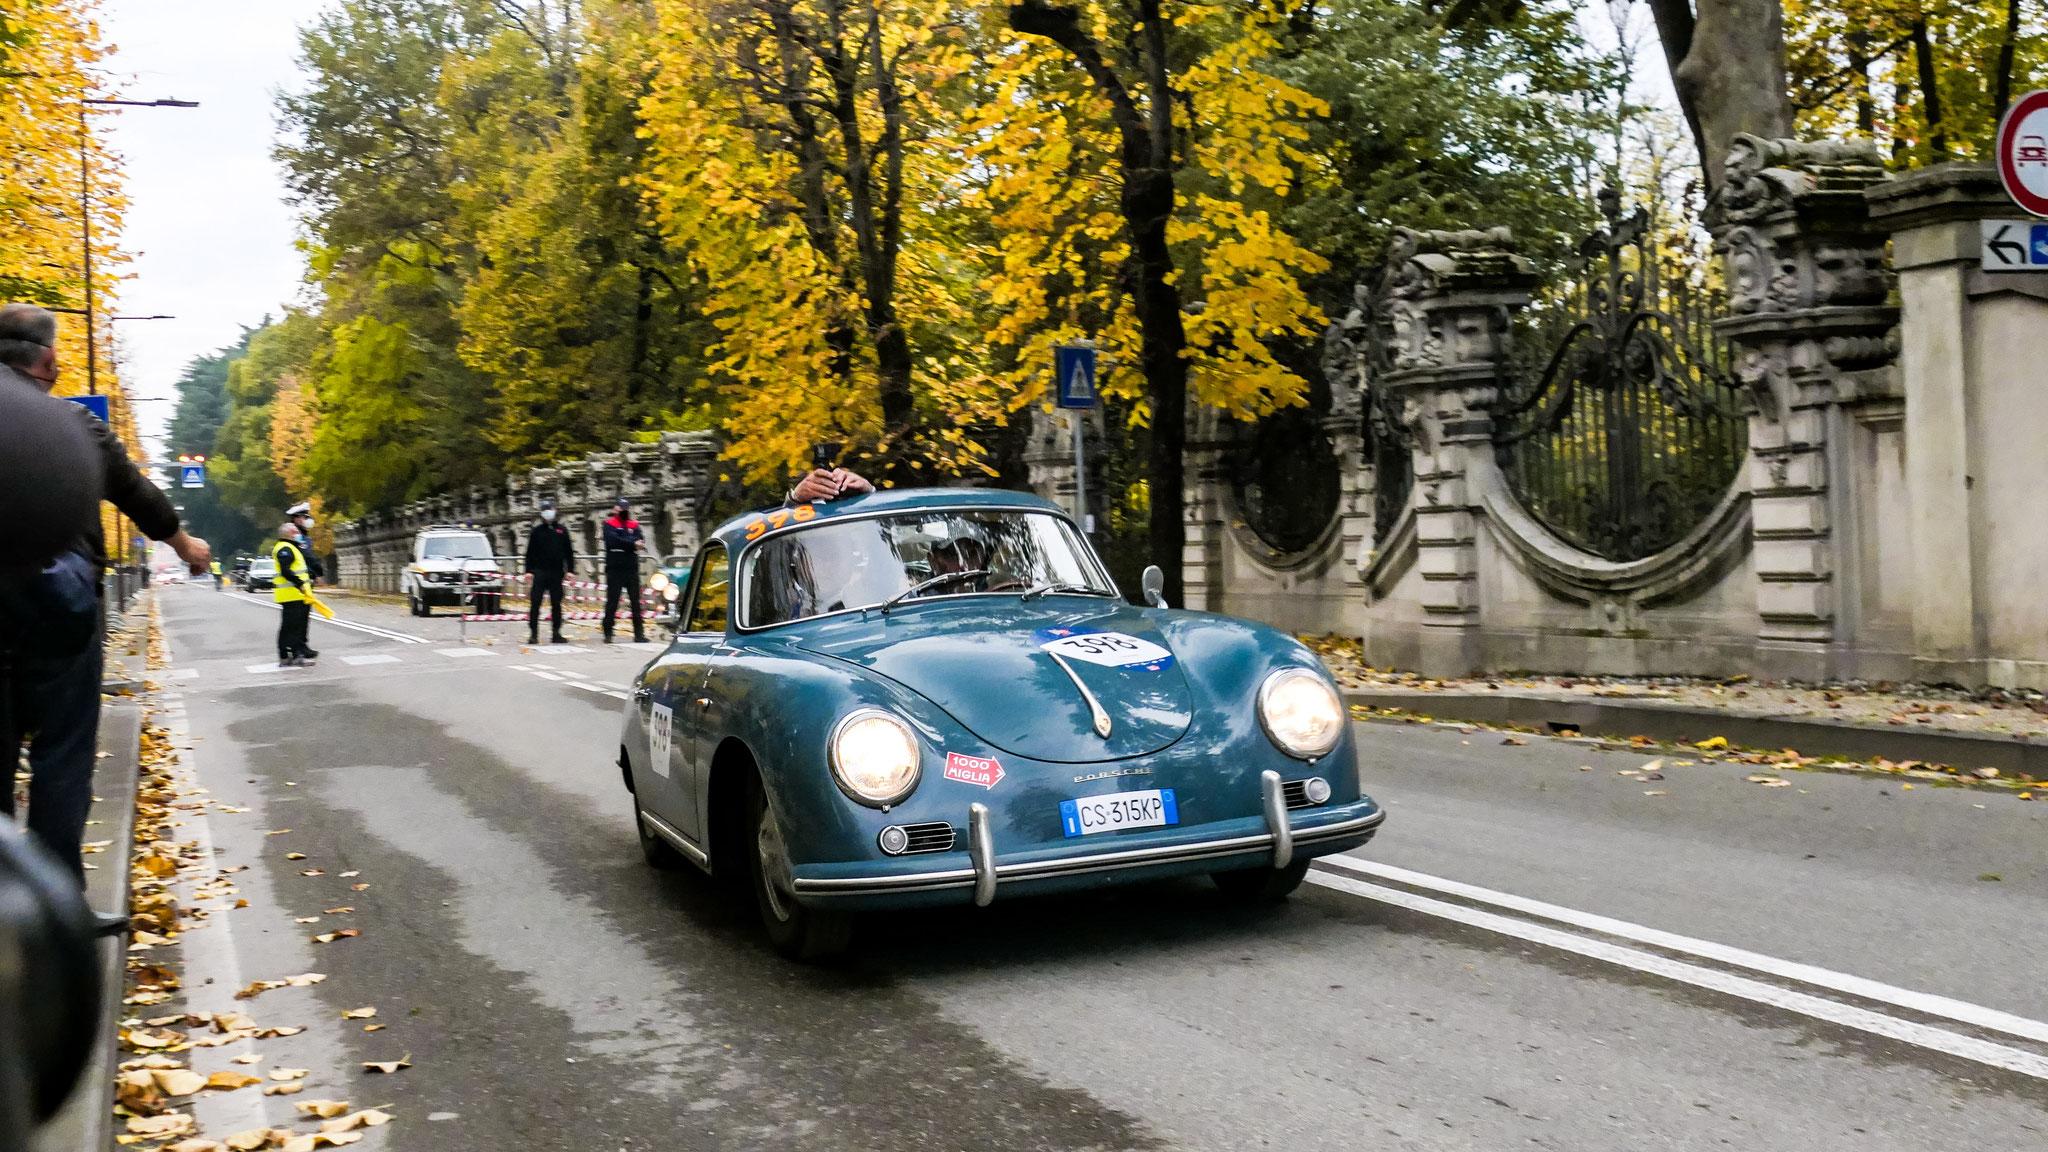 Porsche 356 1500 Coupe - AH-85-54 (NL)